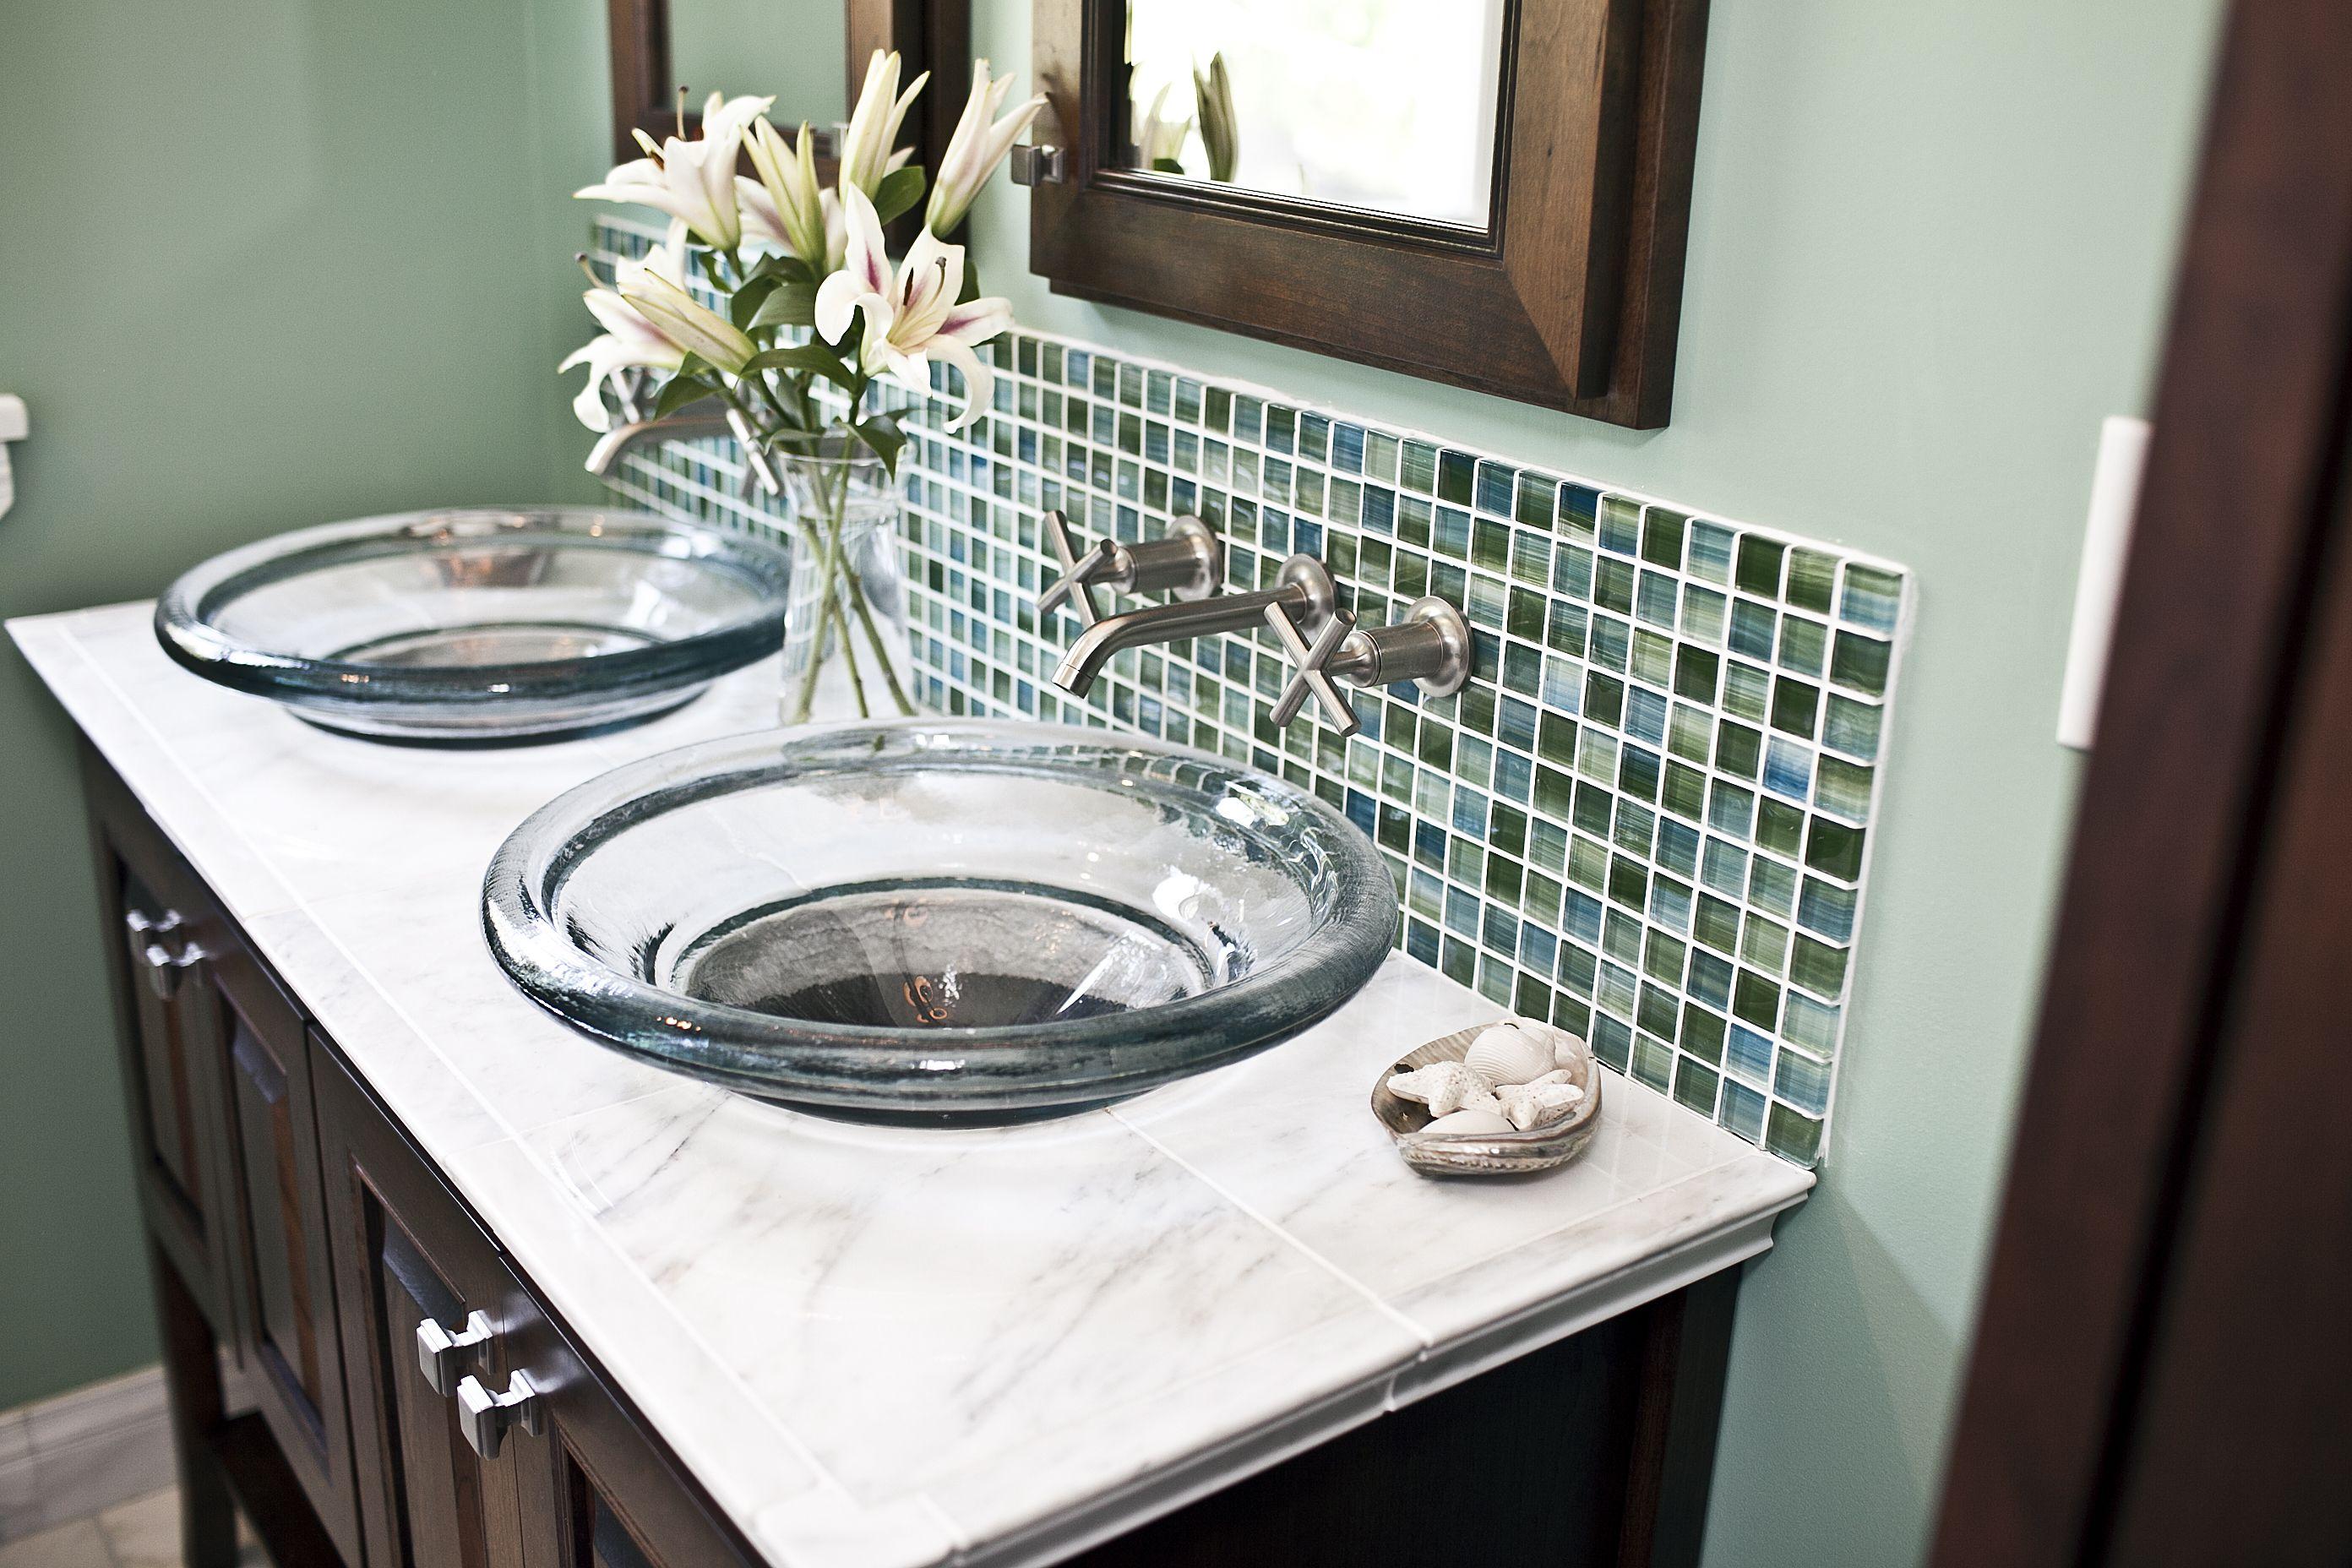 Caribbean Glass Mosaic Backsplash Glass Mosaic Backsplash